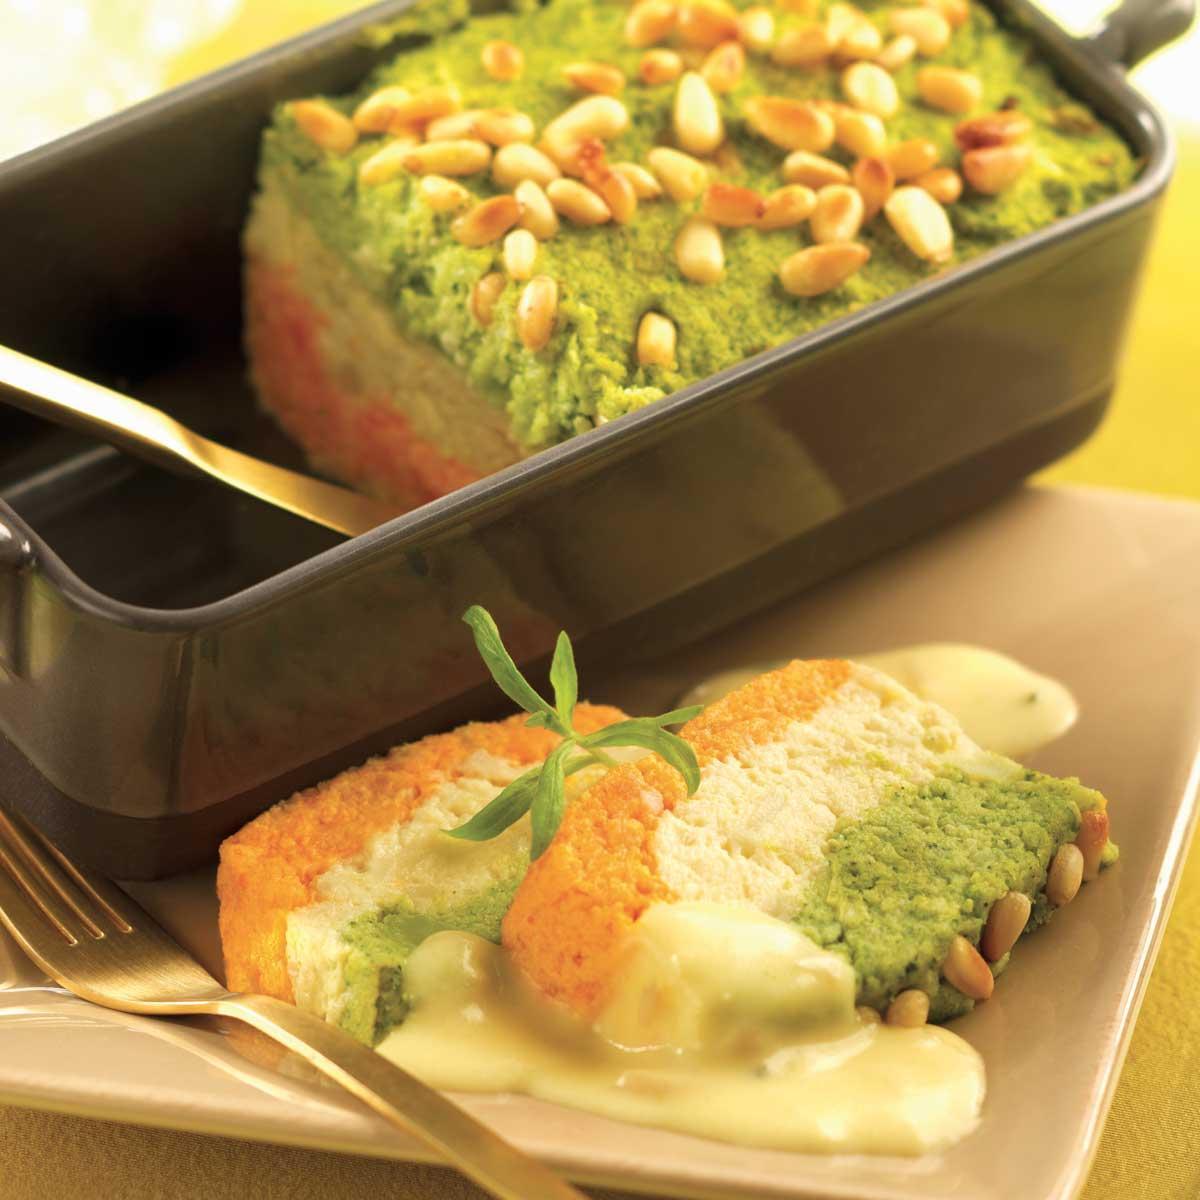 Recette terrine de carottes et brocolis cuisine madame figaro - Sites de recettes de cuisine ...